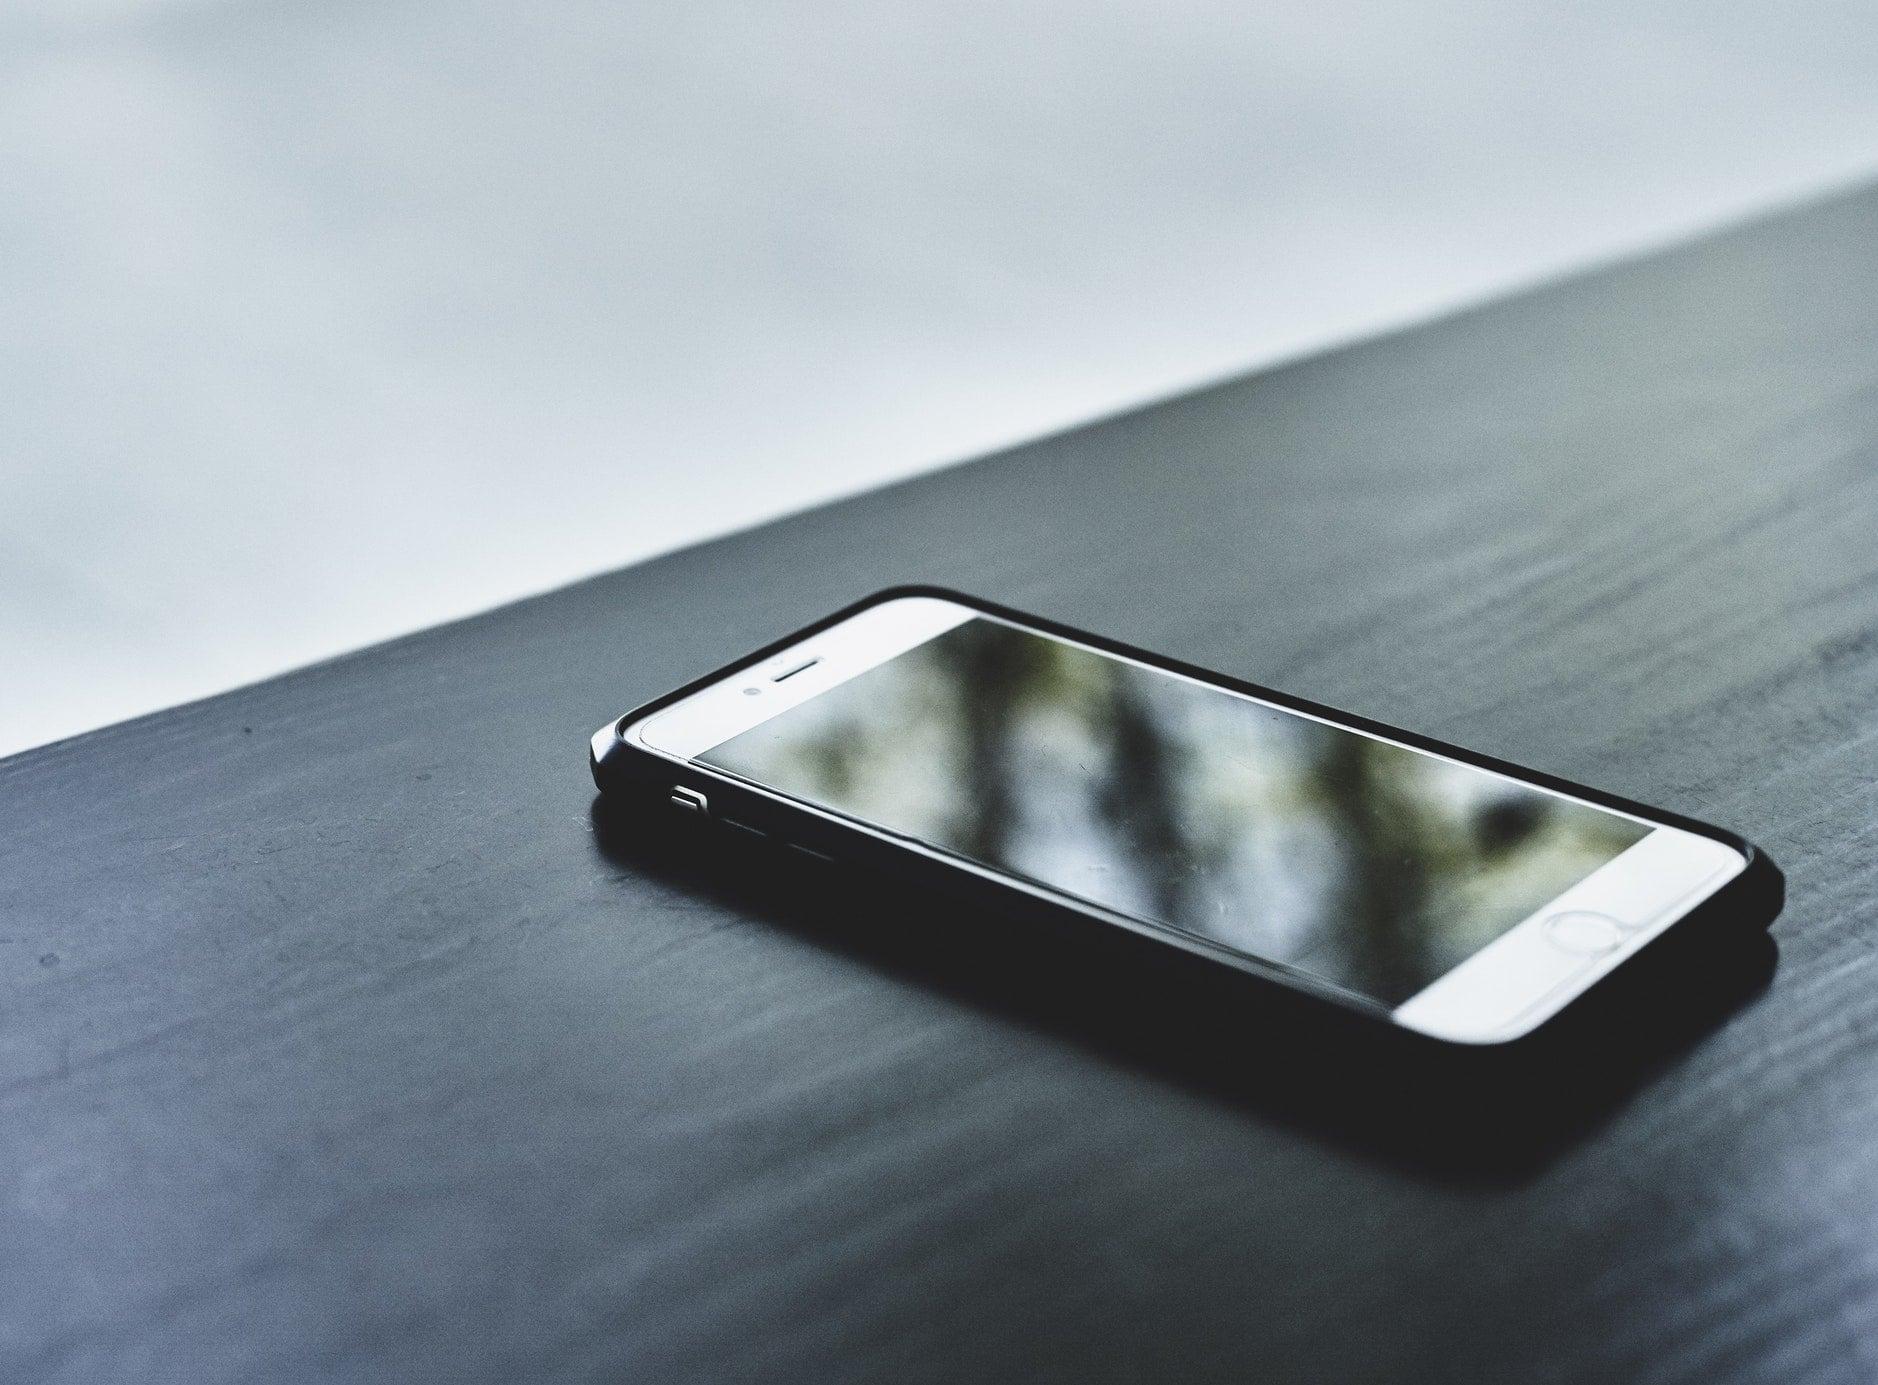 Comment réparer un iPhone 7 bloqué en mode de récupération sans perdre de données